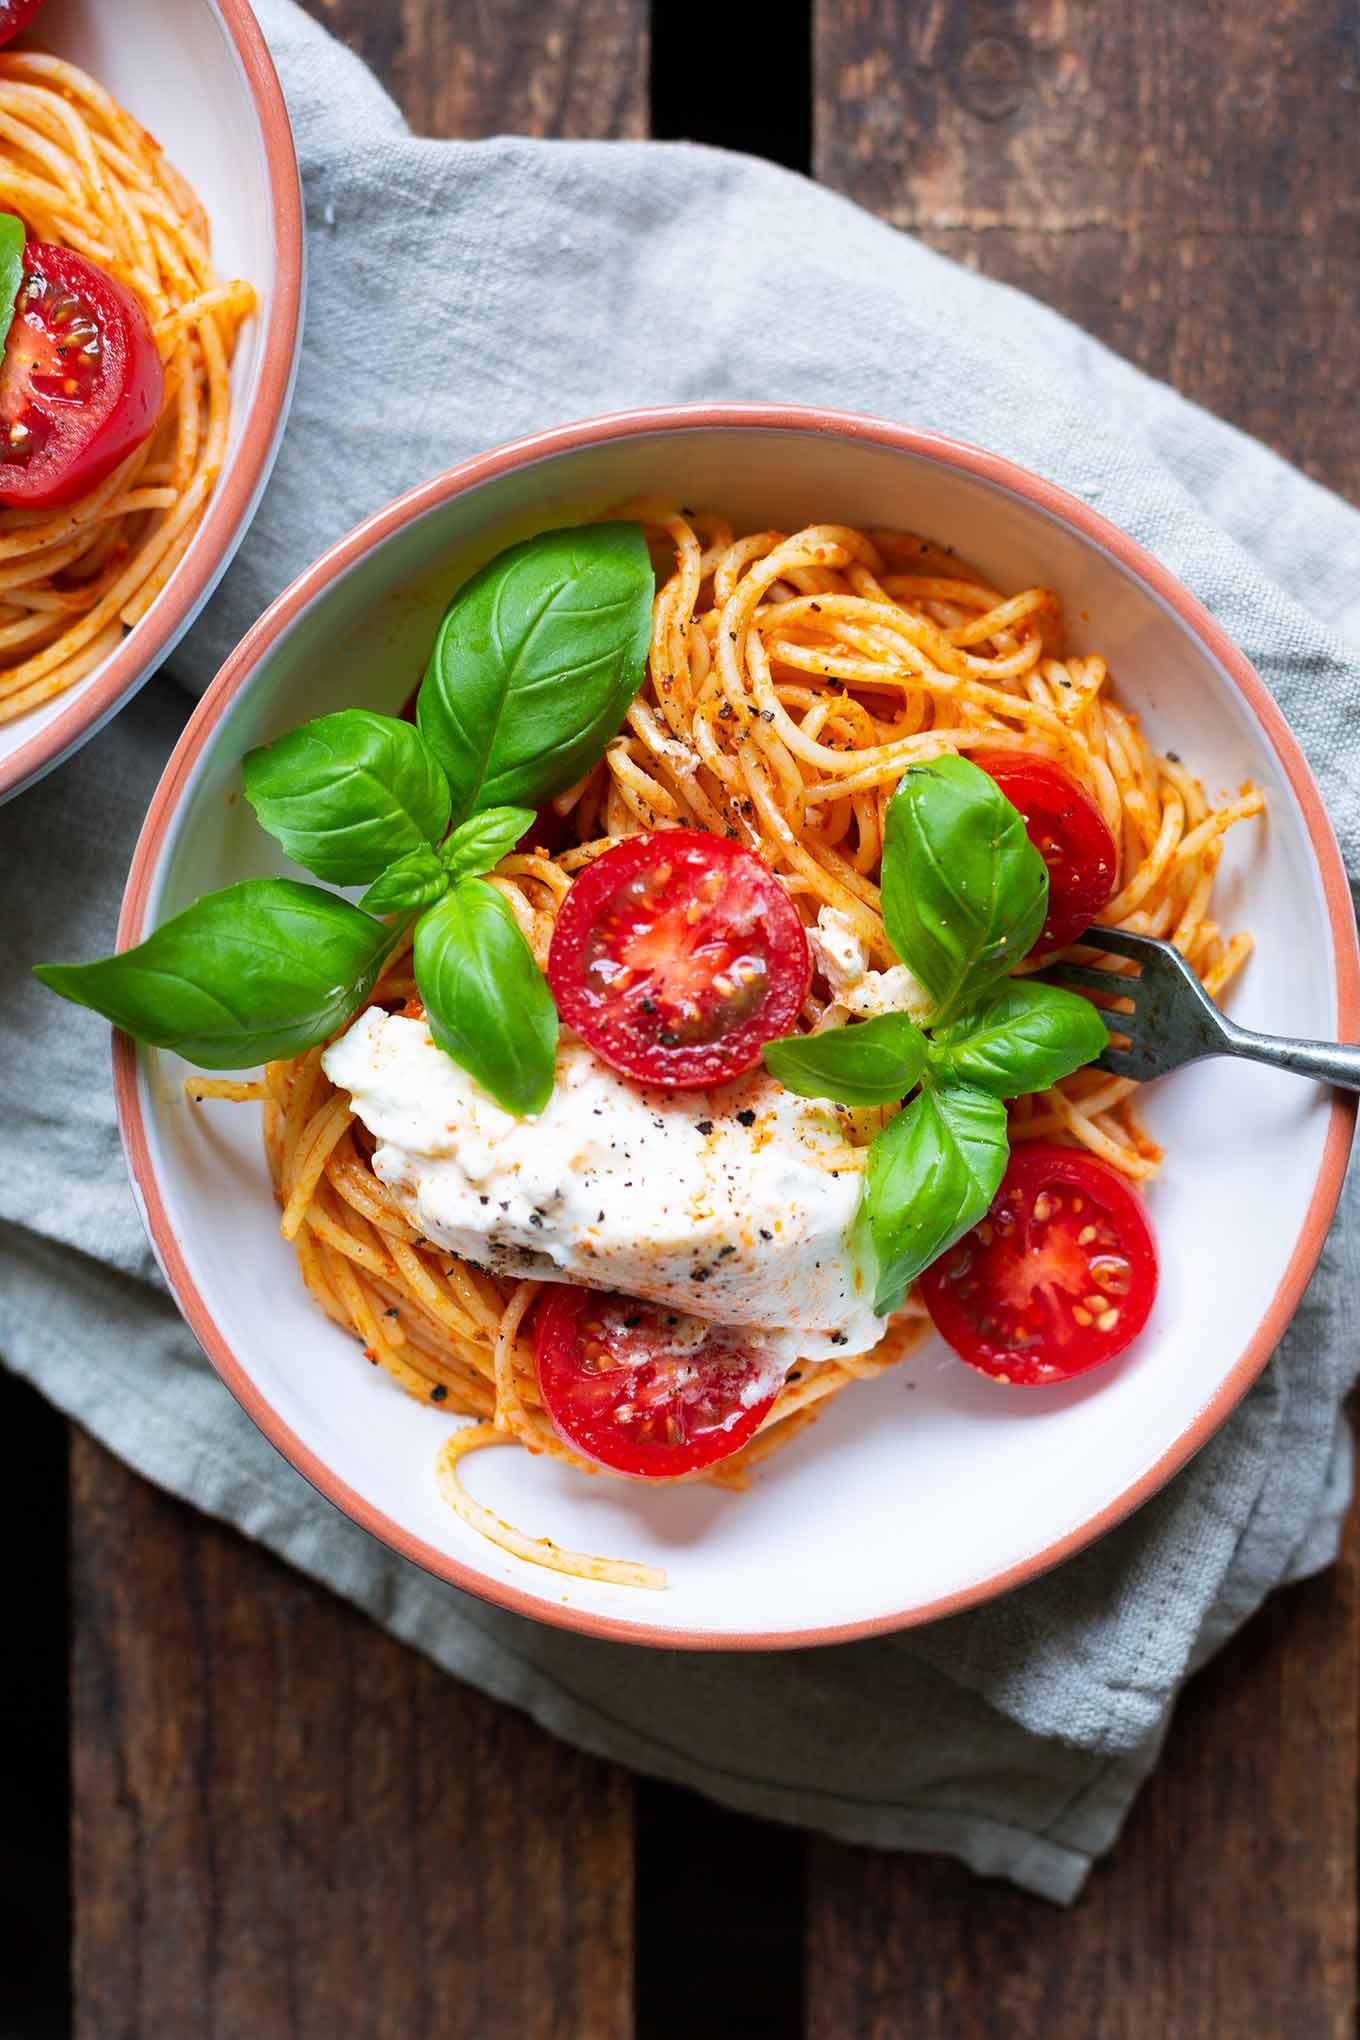 Tomaten-Pesto-Spaghetti mit Burrata und Basilikum. Dieses 5-Zutaten Rezept ist einfach, schnell und perfekt für heiße Sommertage. So gut! - Kochkarussell.com #spaghetti #burrata #sommerrezept #tomaten #schnellundeinfach